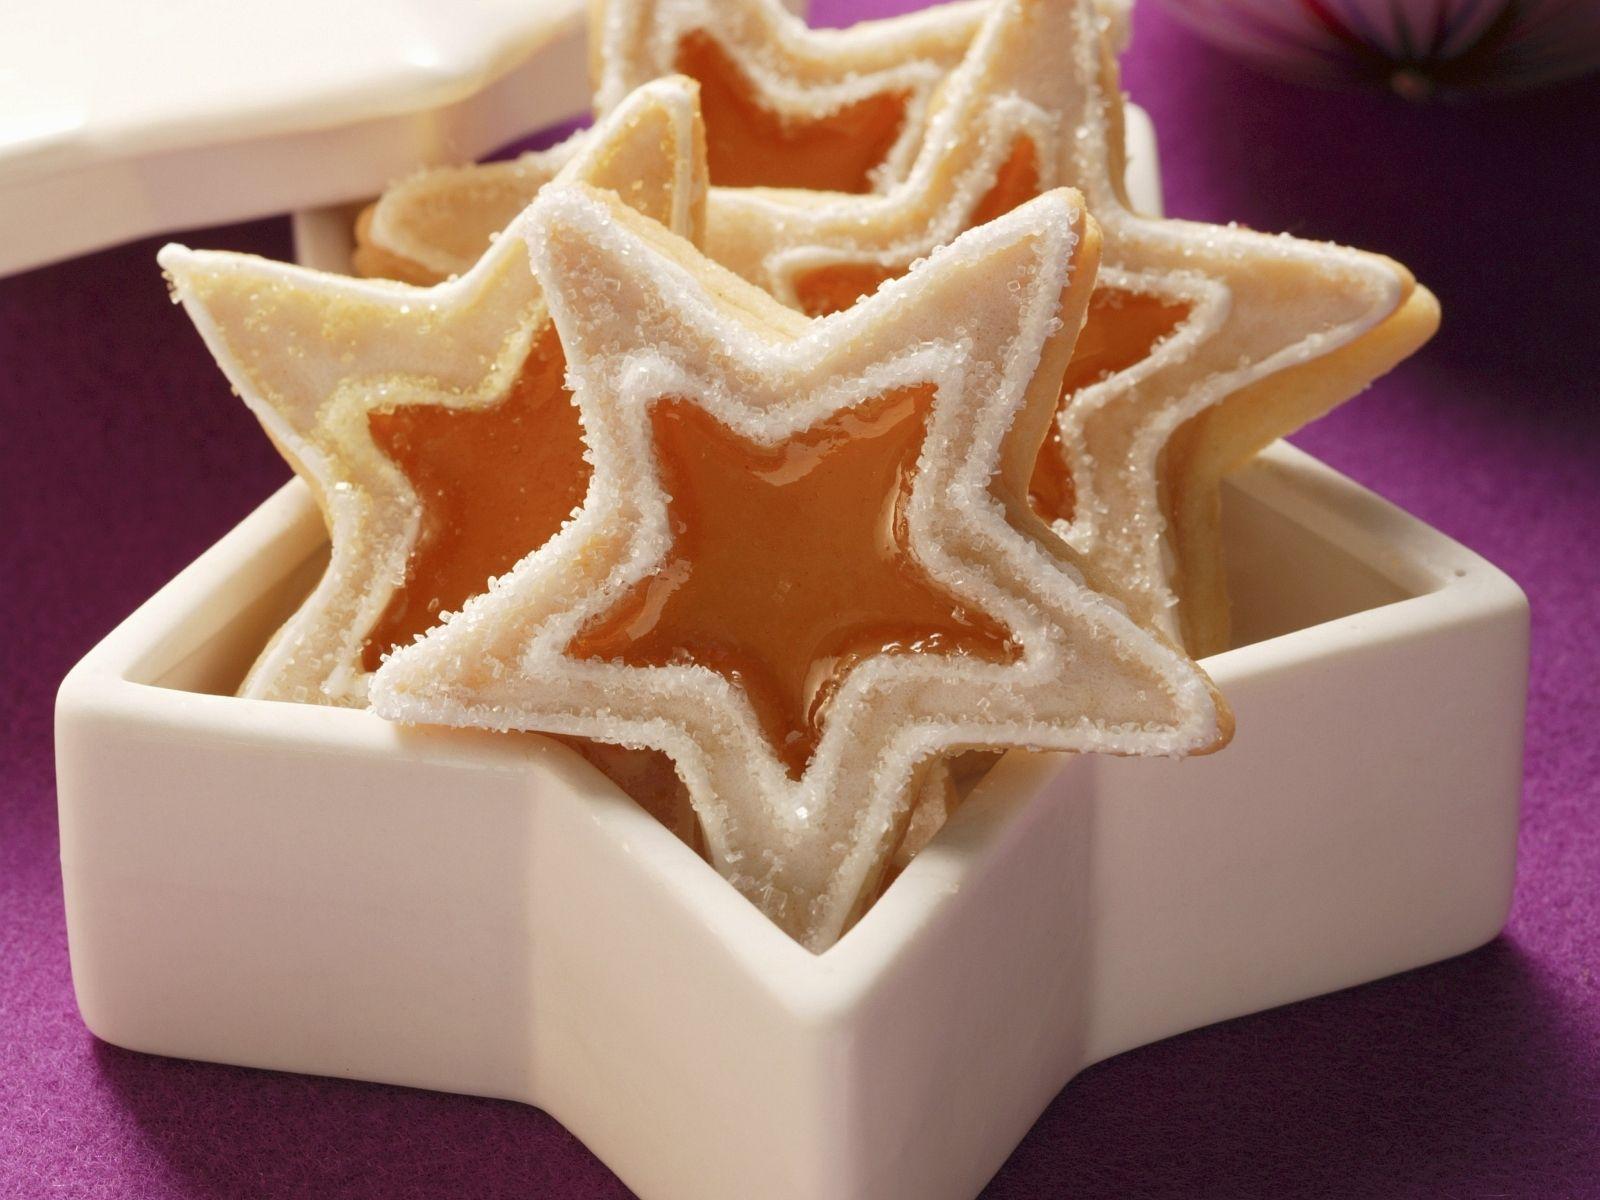 Suche Rezepte Für Weihnachtsplätzchen.Weihnachtsplätzchen Mit Quittengelee